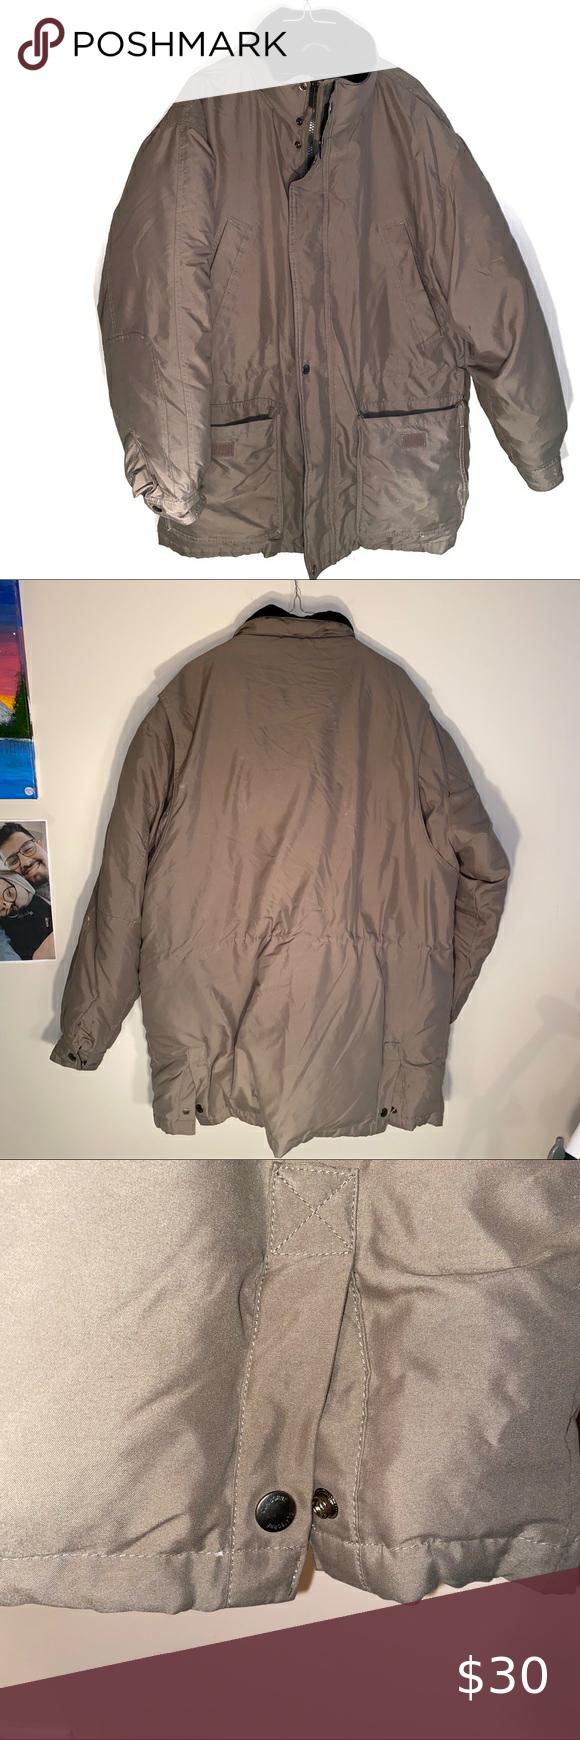 Claiborne Outerwear Puffer Jacket Xl Puffer Jackets Jackets Outerwear [ 1740 x 580 Pixel ]